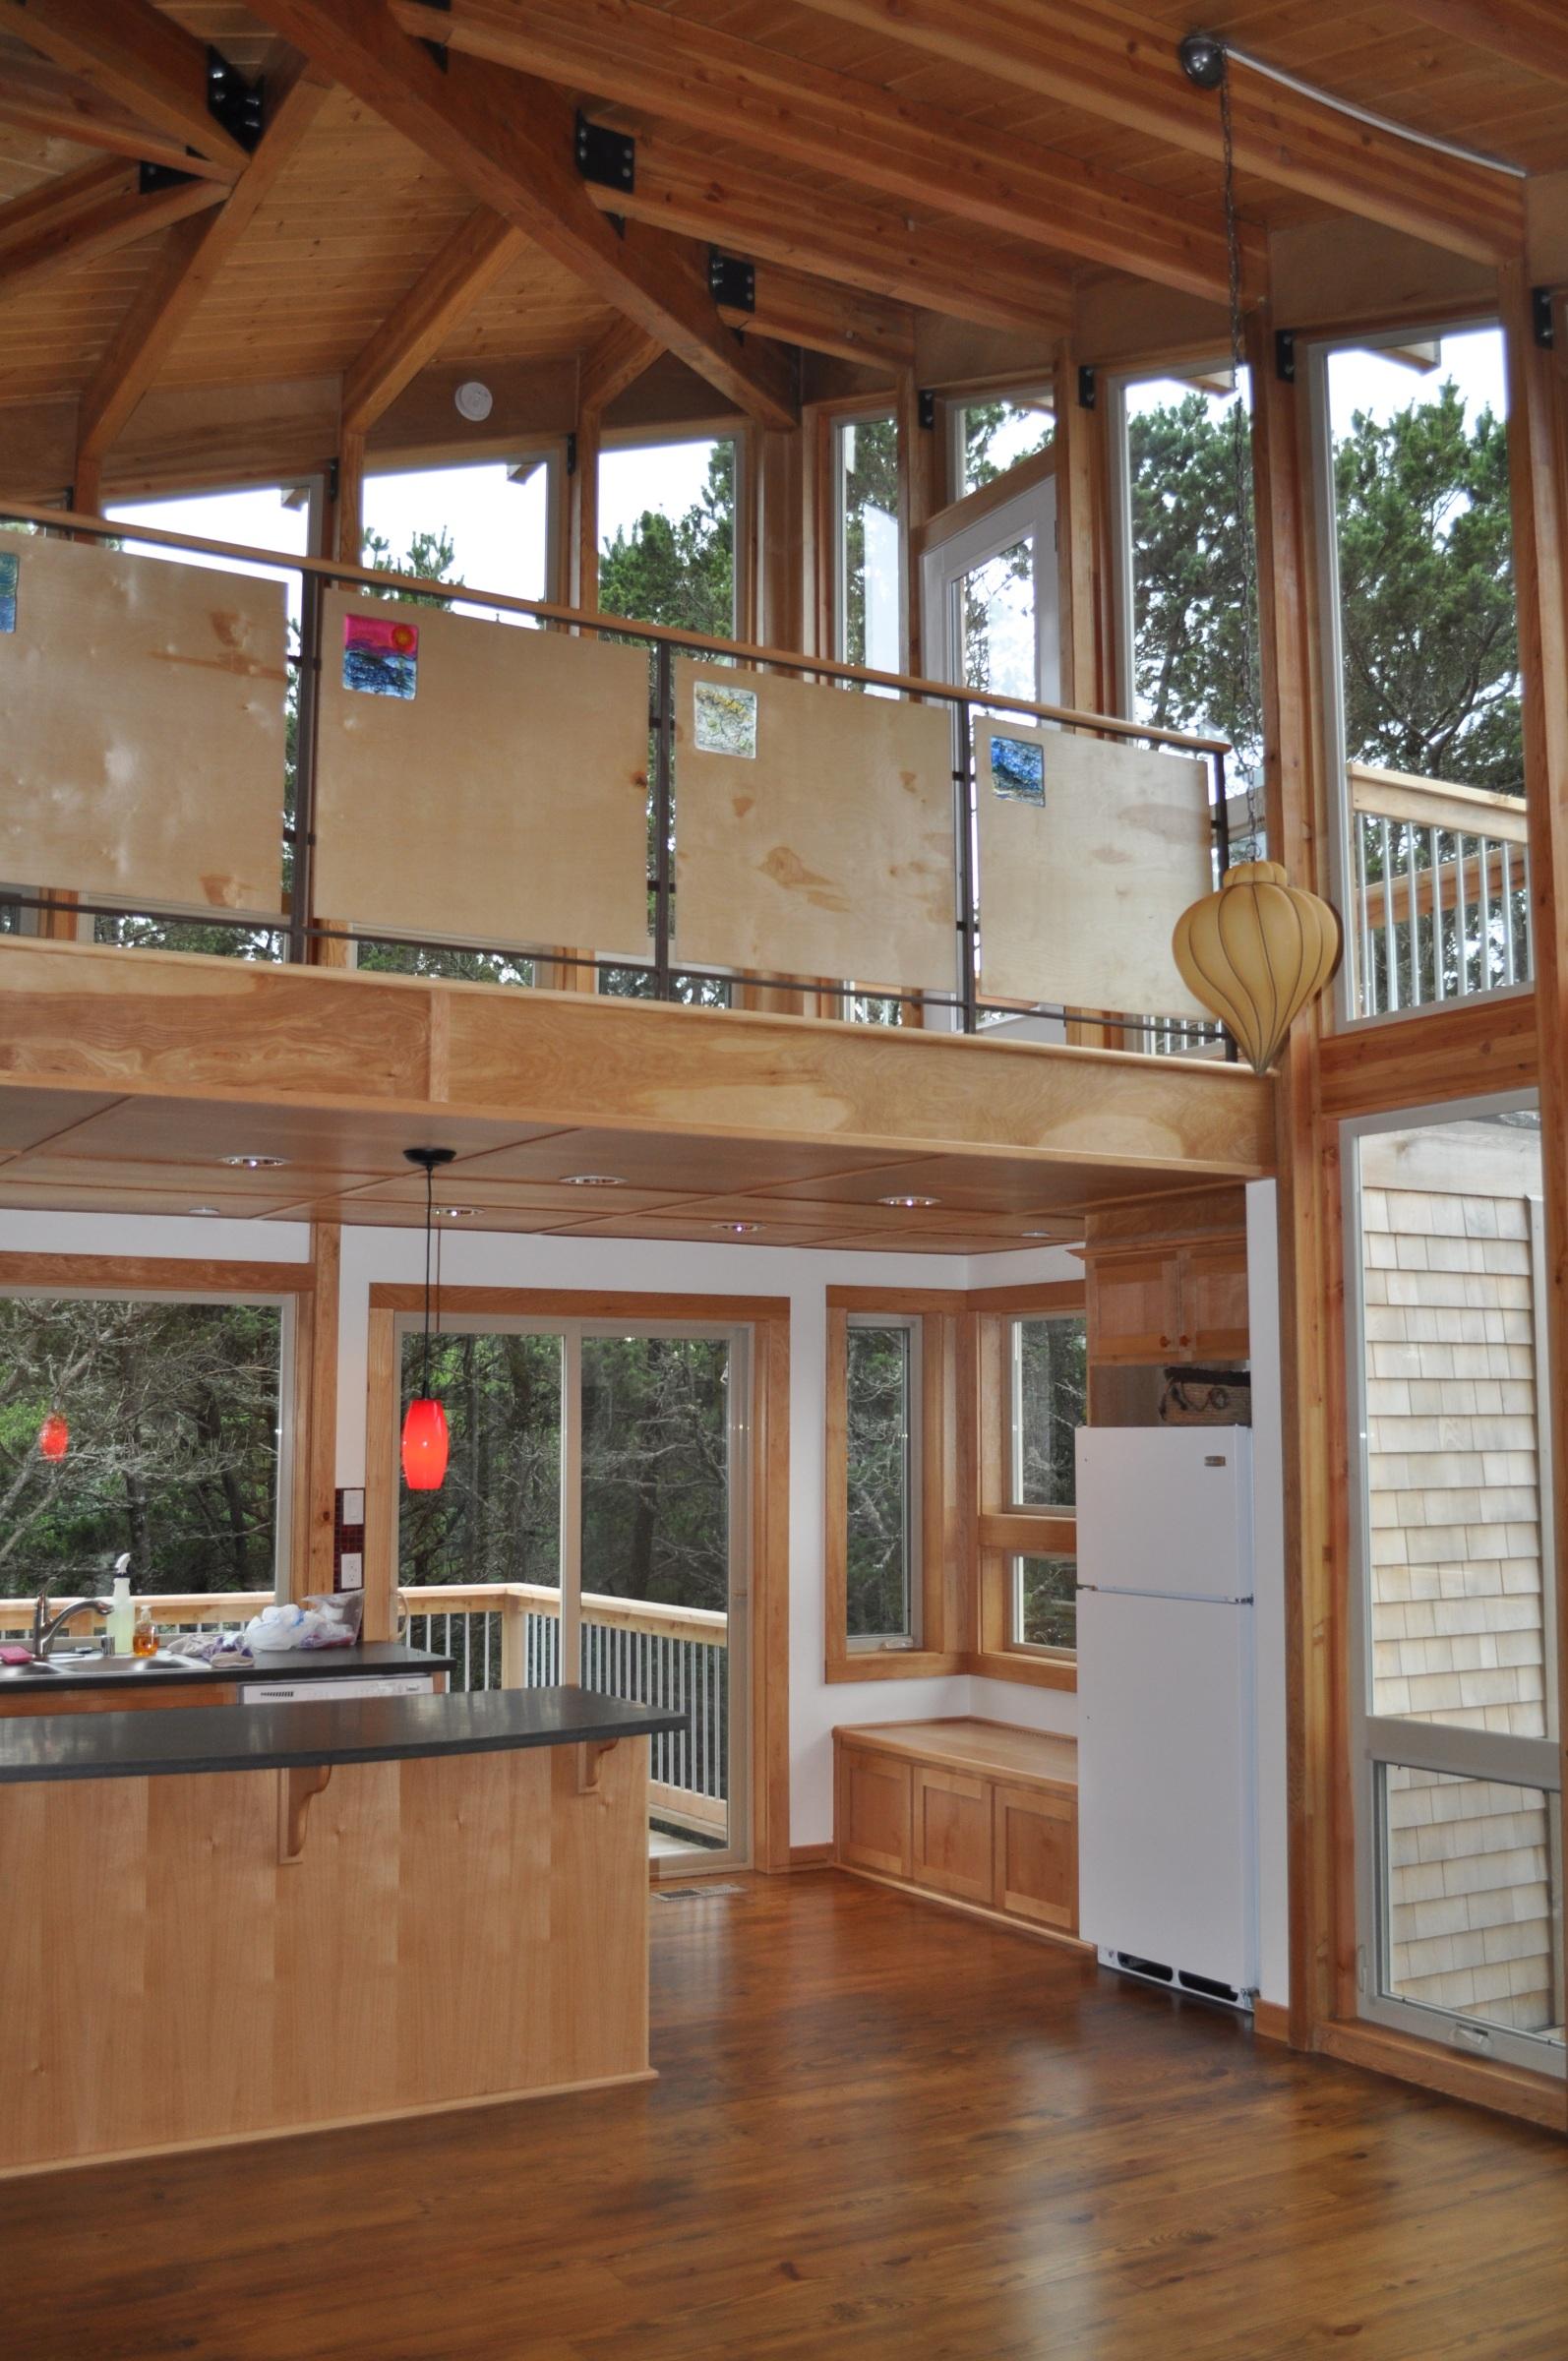 Kitchen-Loft smfile